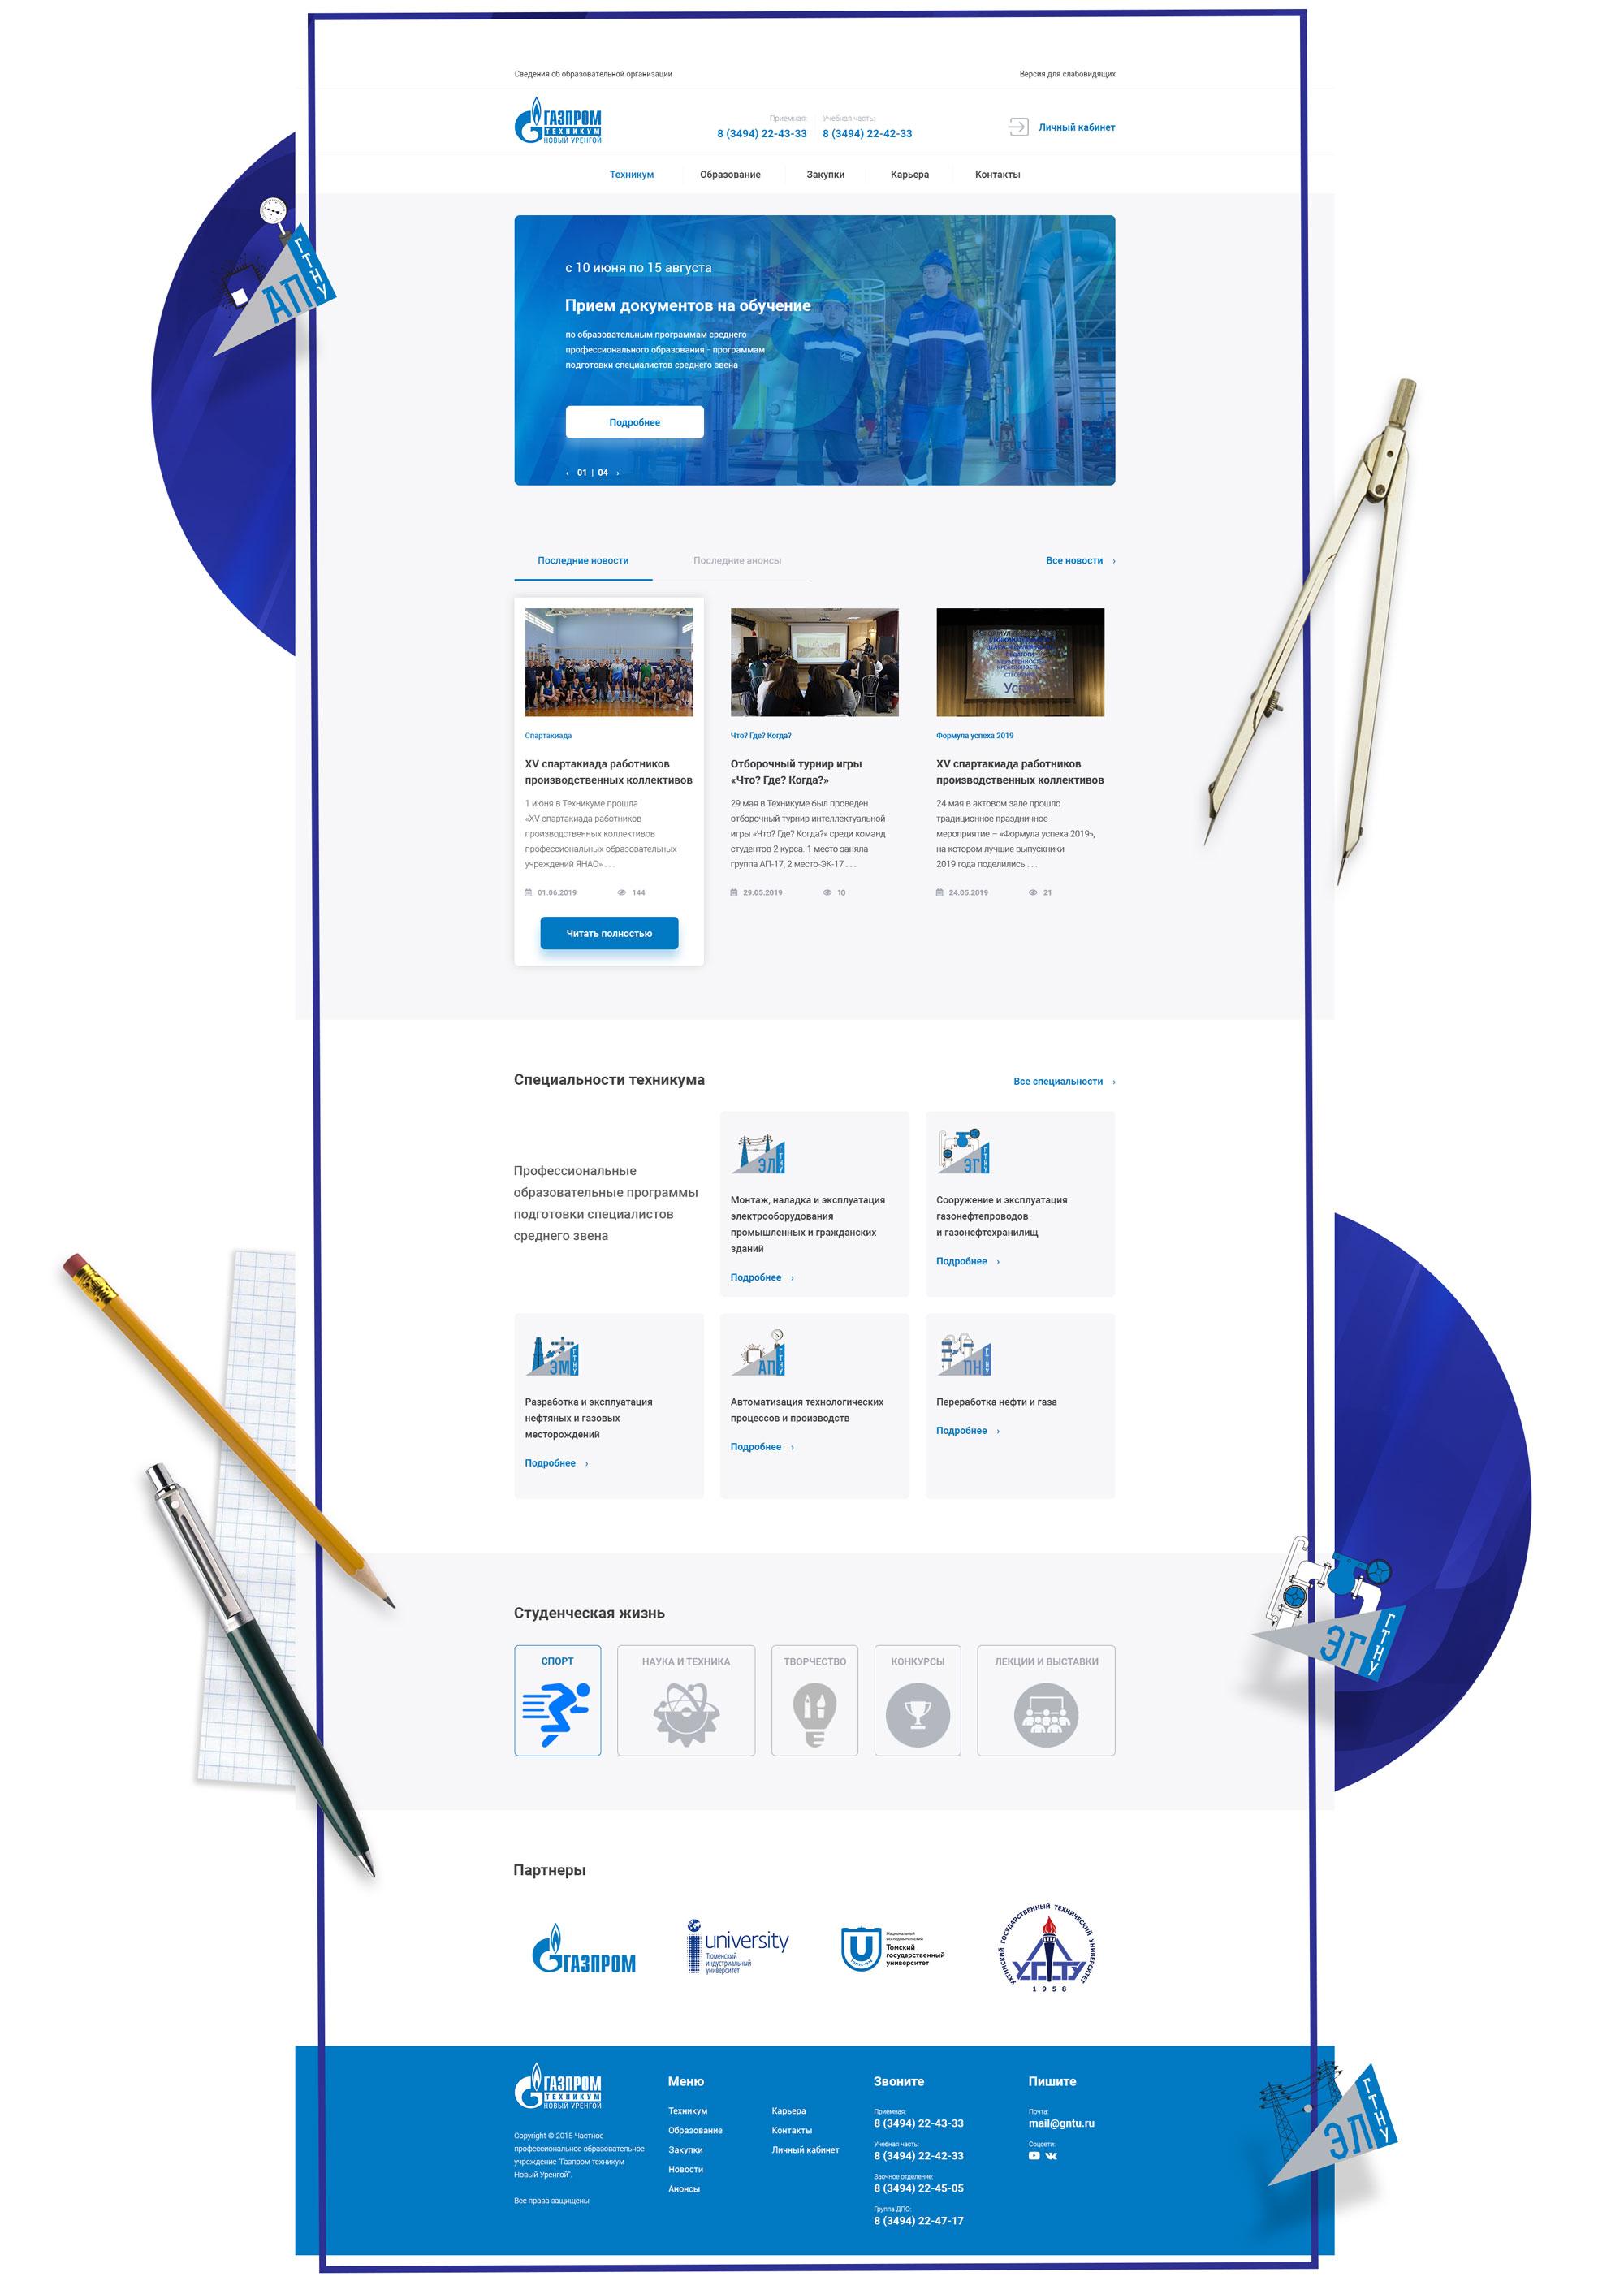 редизайн сайта колледжа. Дизайн главной страницы учебного портала